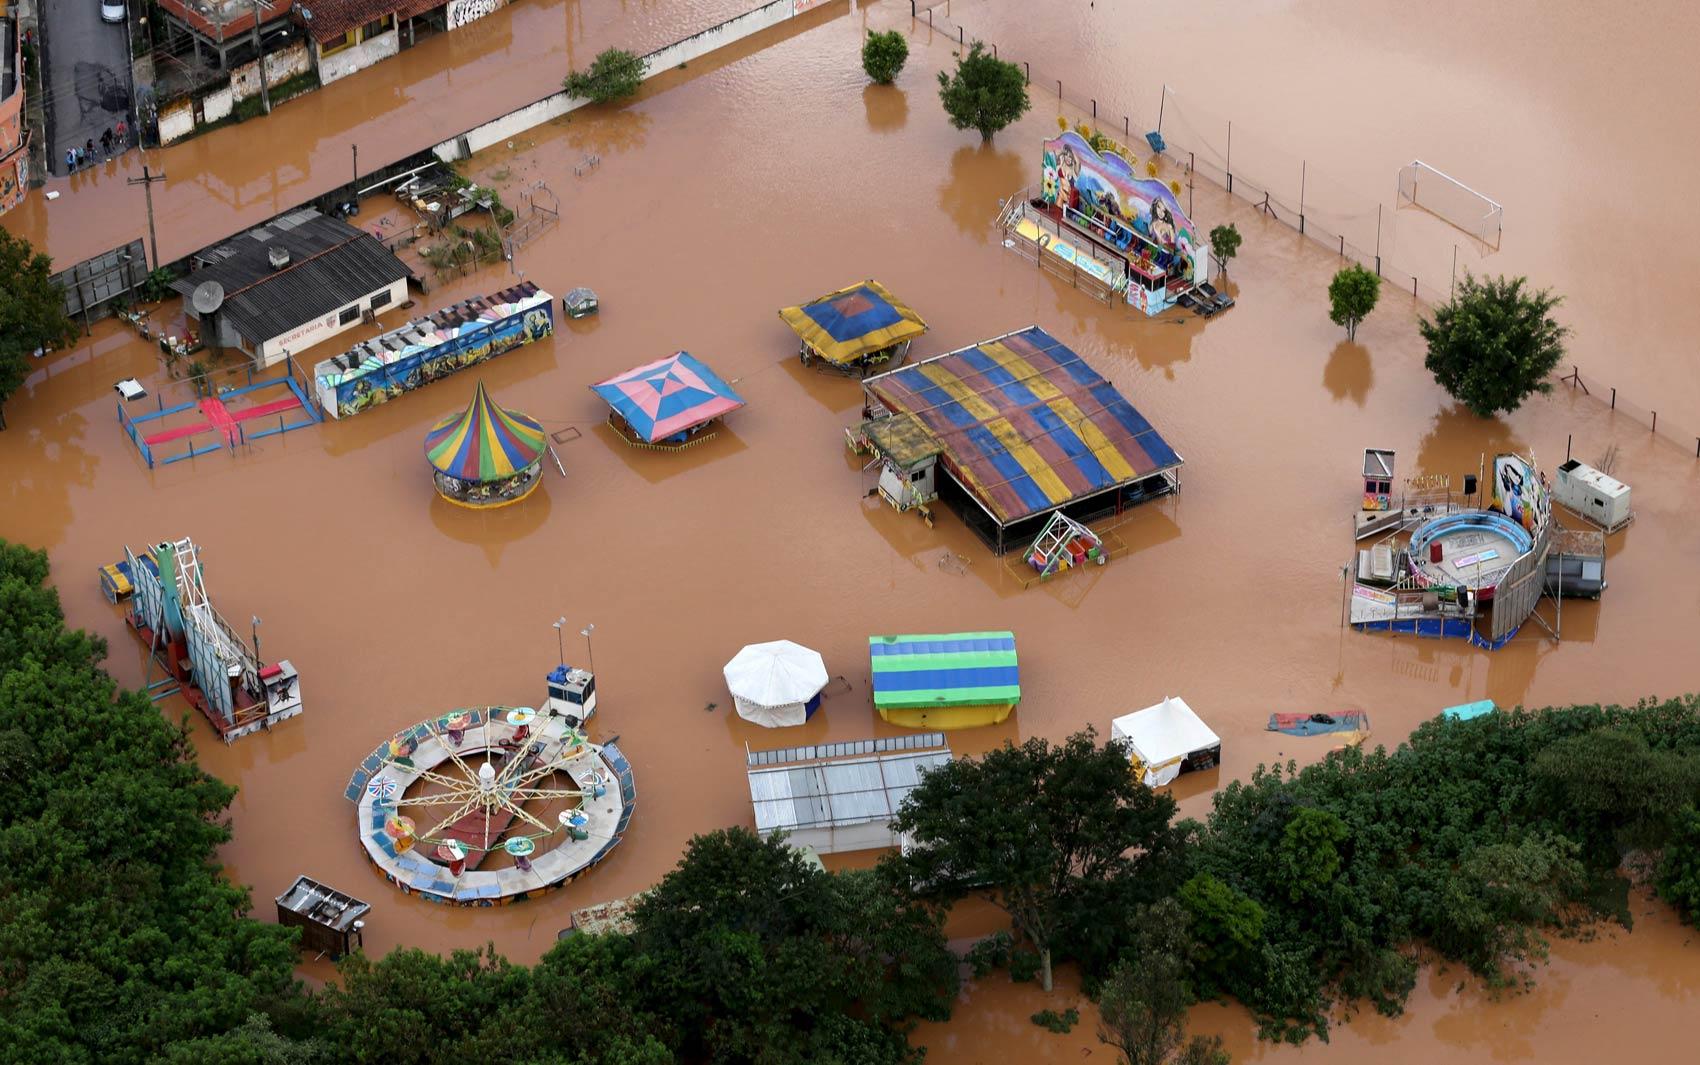 Parque de diversões foi tomado pela água em Franco da Rocha (SP) devido ao temporal que atingiu a região